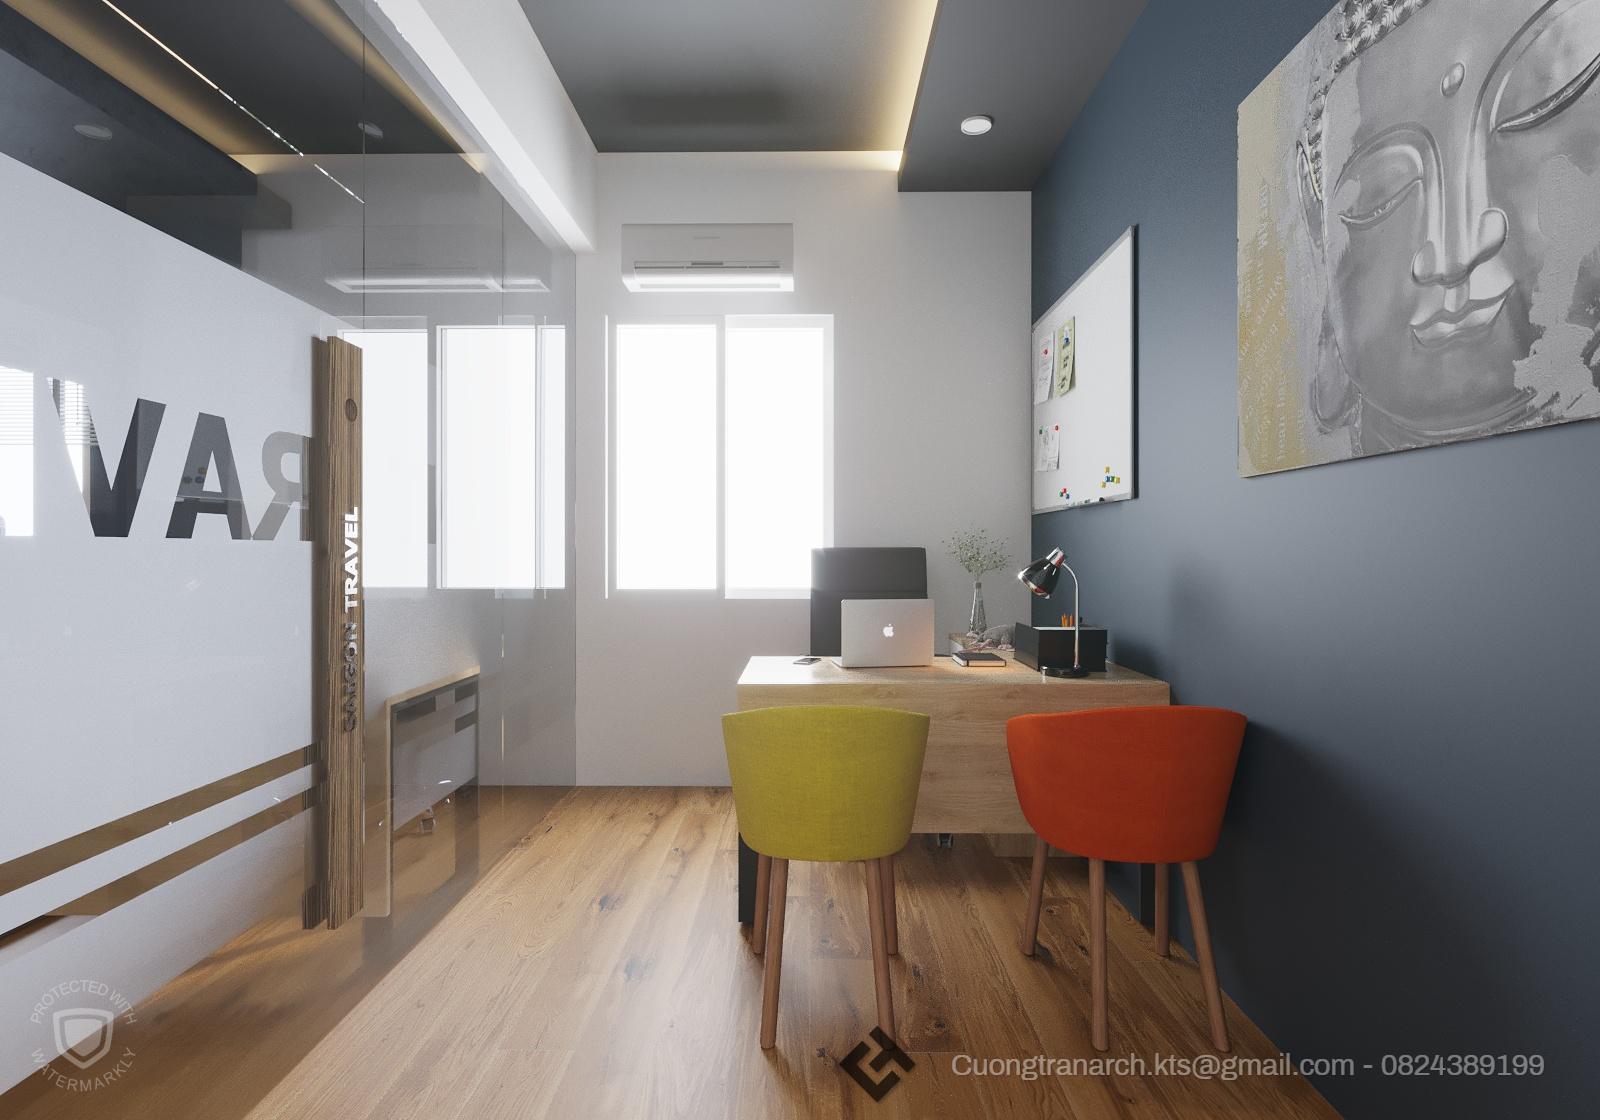 thiết kế nội thất Văn Phòng tại Hồ Chí Minh VĂN PHÒNG LÀM VIỆC CÔNG TY VIET TRAVEL - VIET TRAVEL OFFICE 6 1562142888